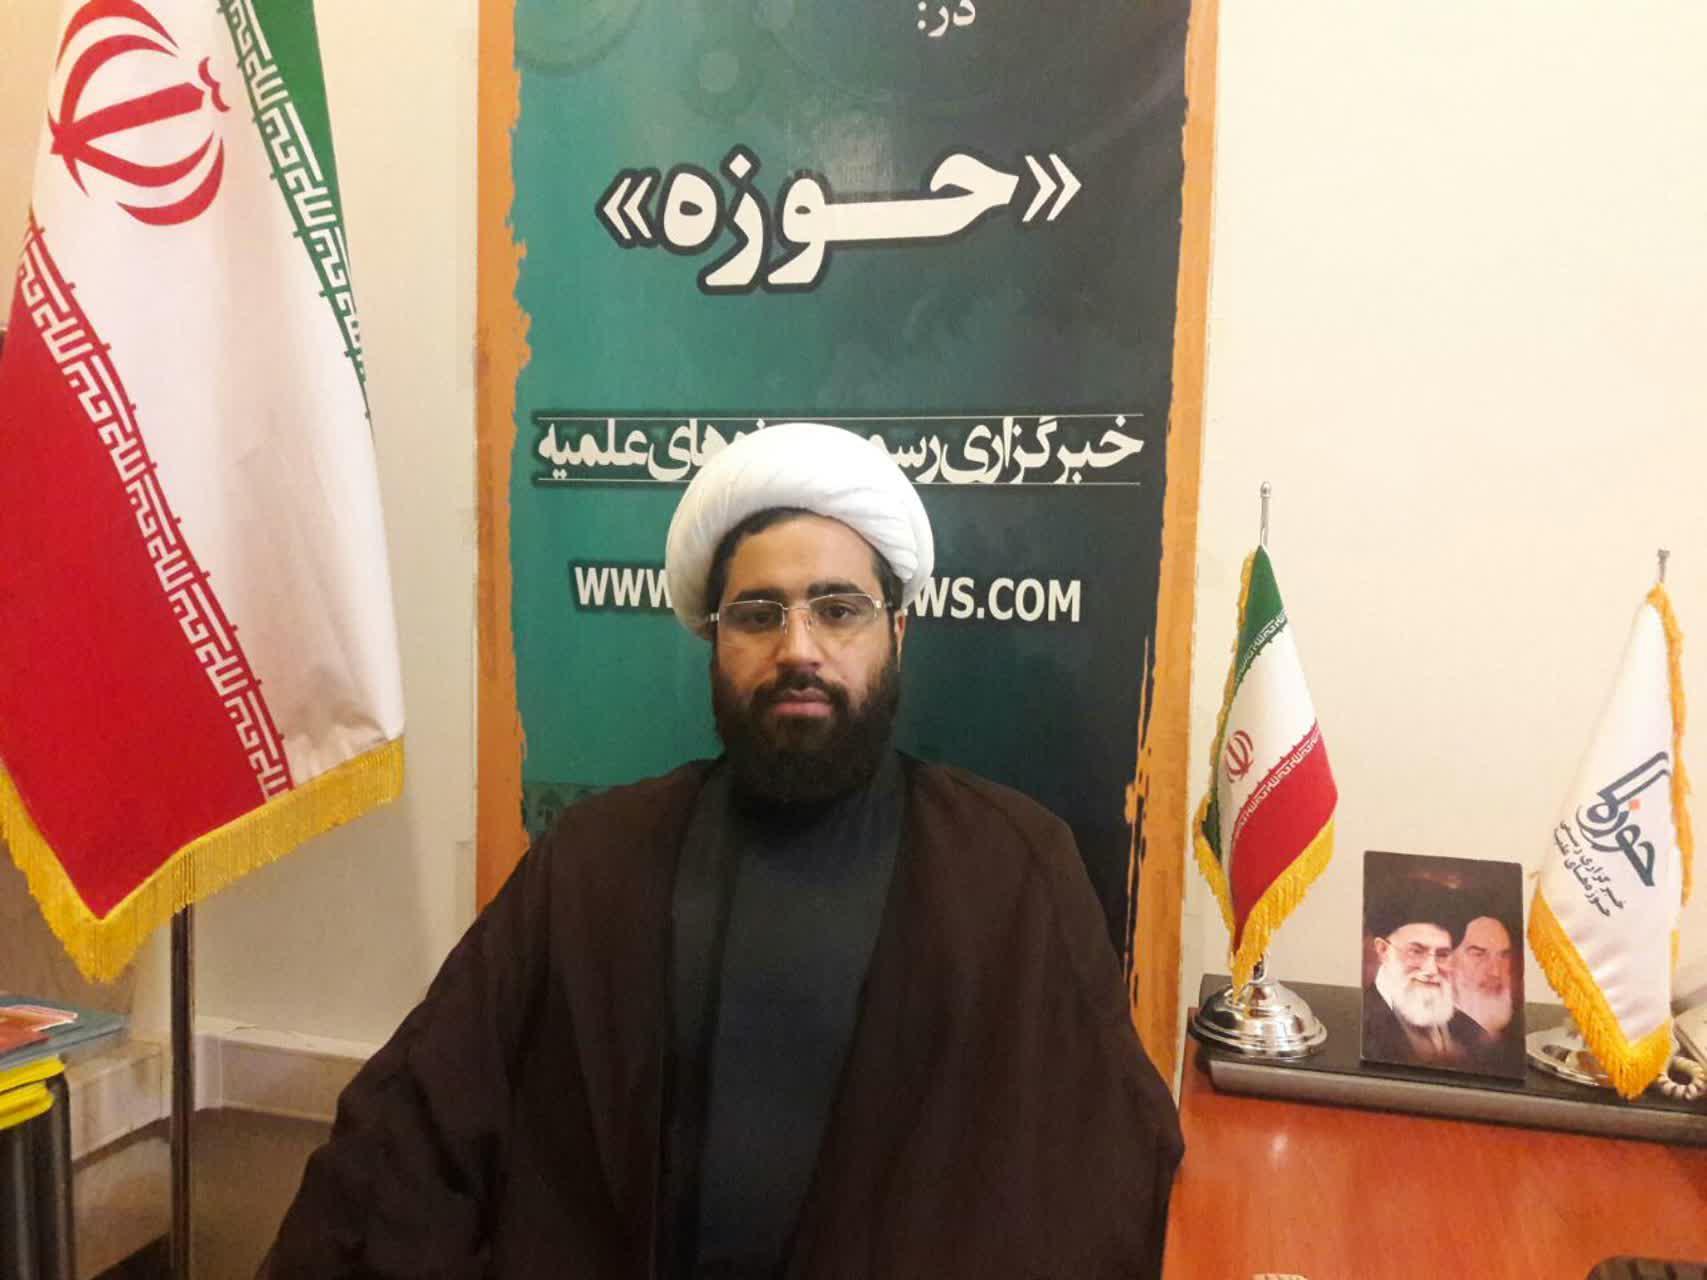 حجت الاسلام رضا کمندانی معاونت تهذیب مدرسه امام خمینی(ره) کرمانشاه